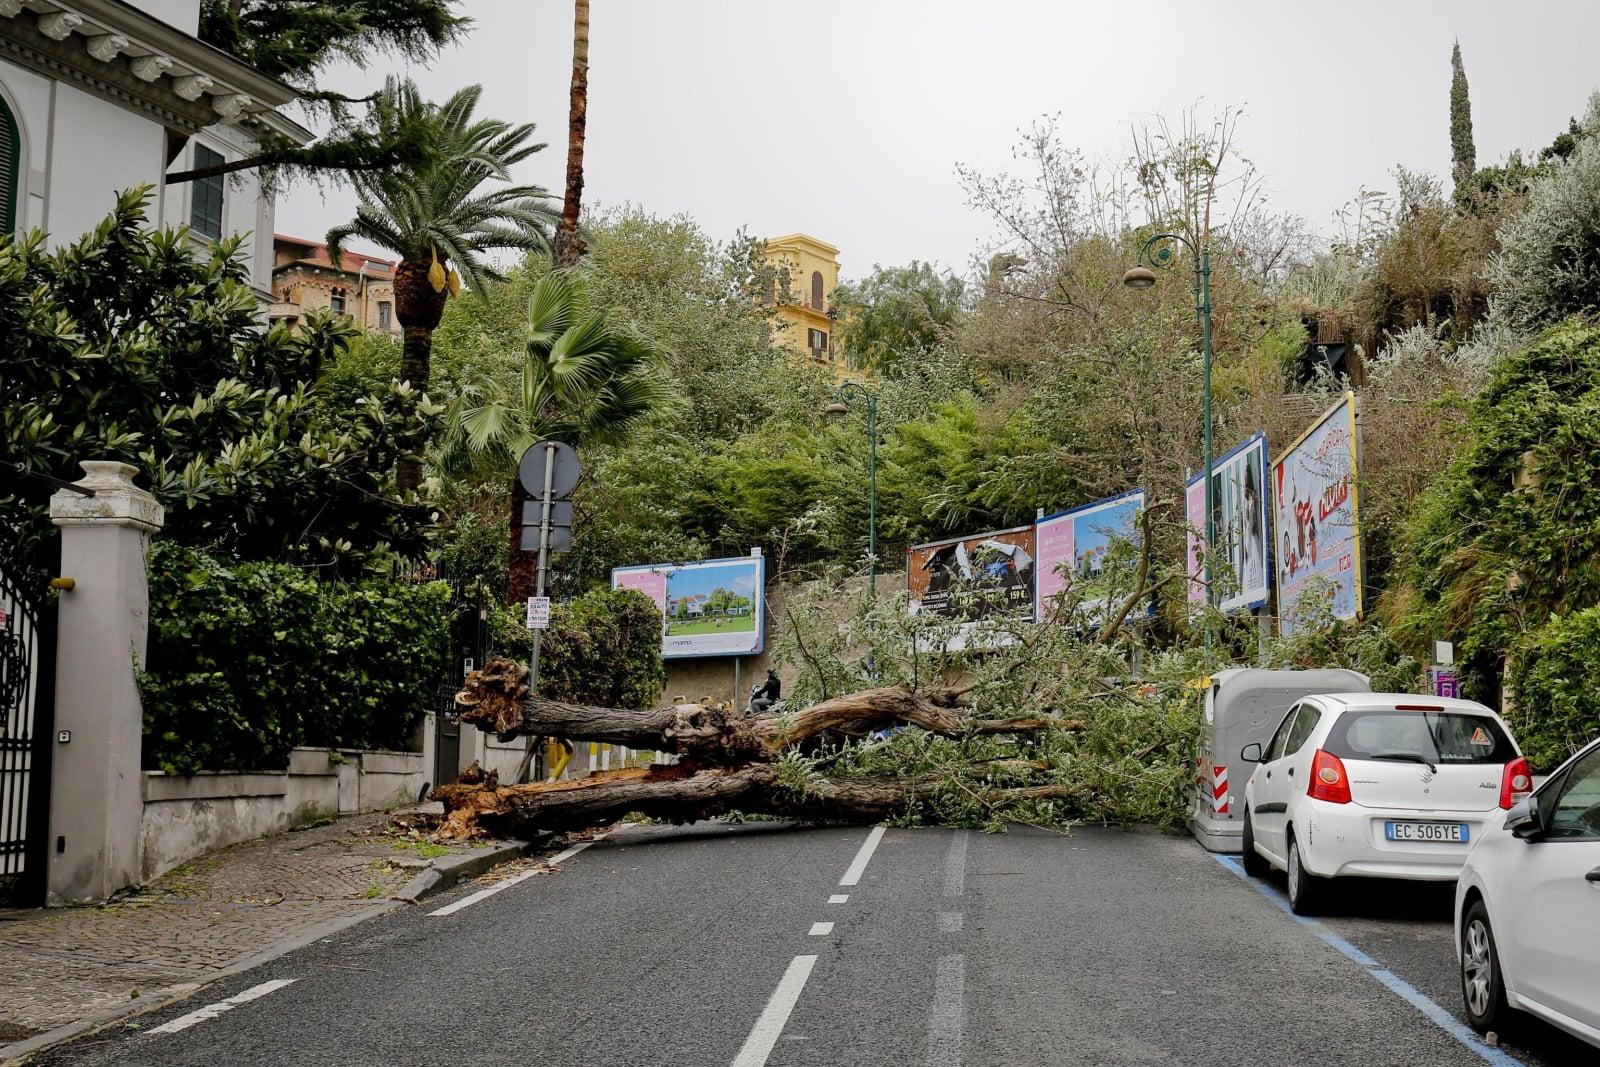 Potężne wichury w Neapolu, Włochy, 29 października 2018. Fot. PAP/EPA/CIRO FUSCO